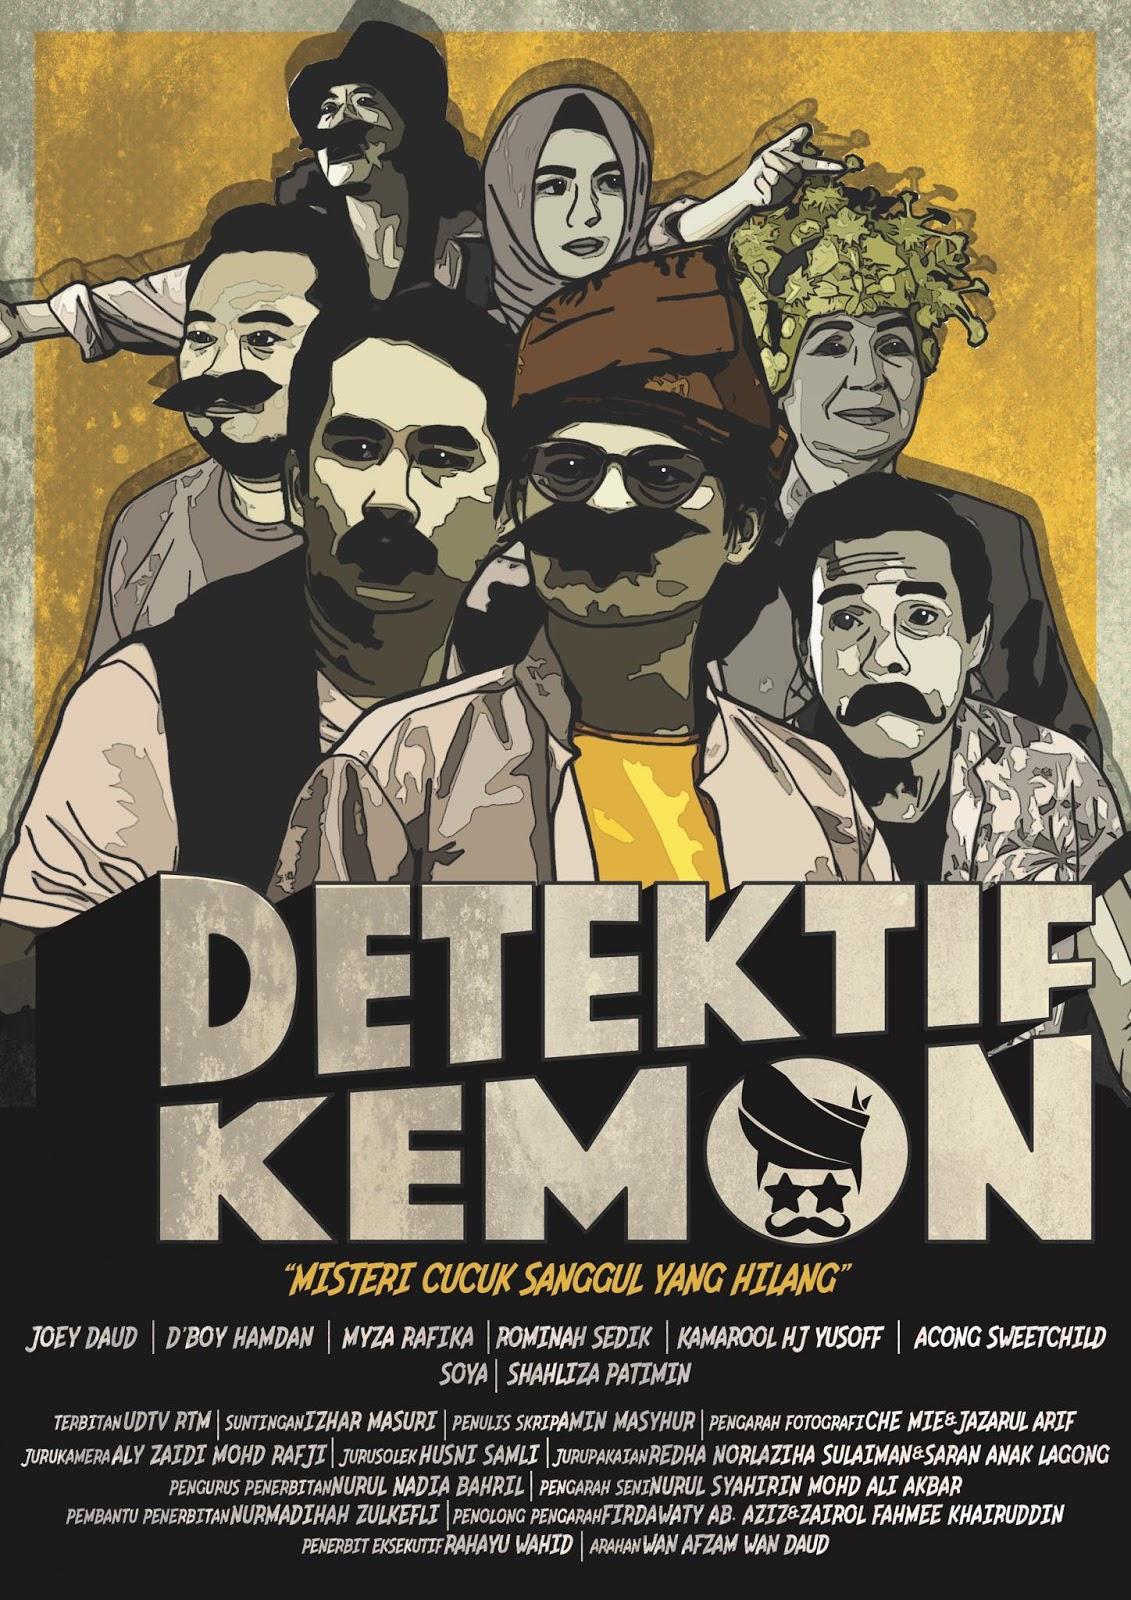 Detektif Kemon